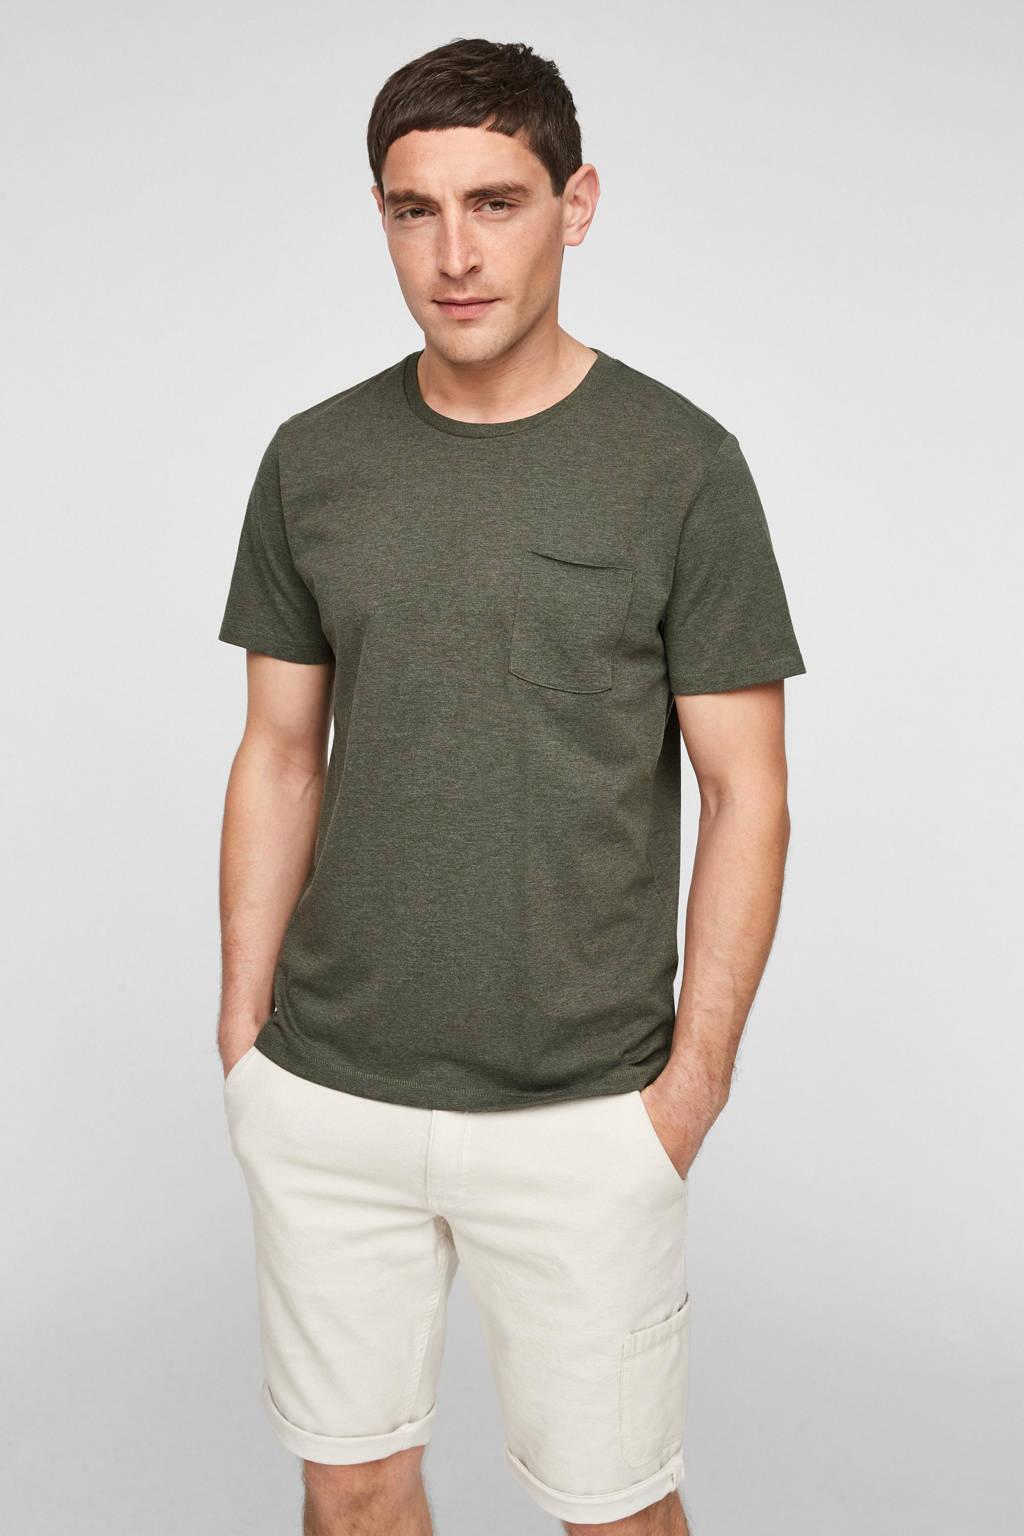 s.Oliver gemêleerd T-shirt donkergroen, Donkergroen